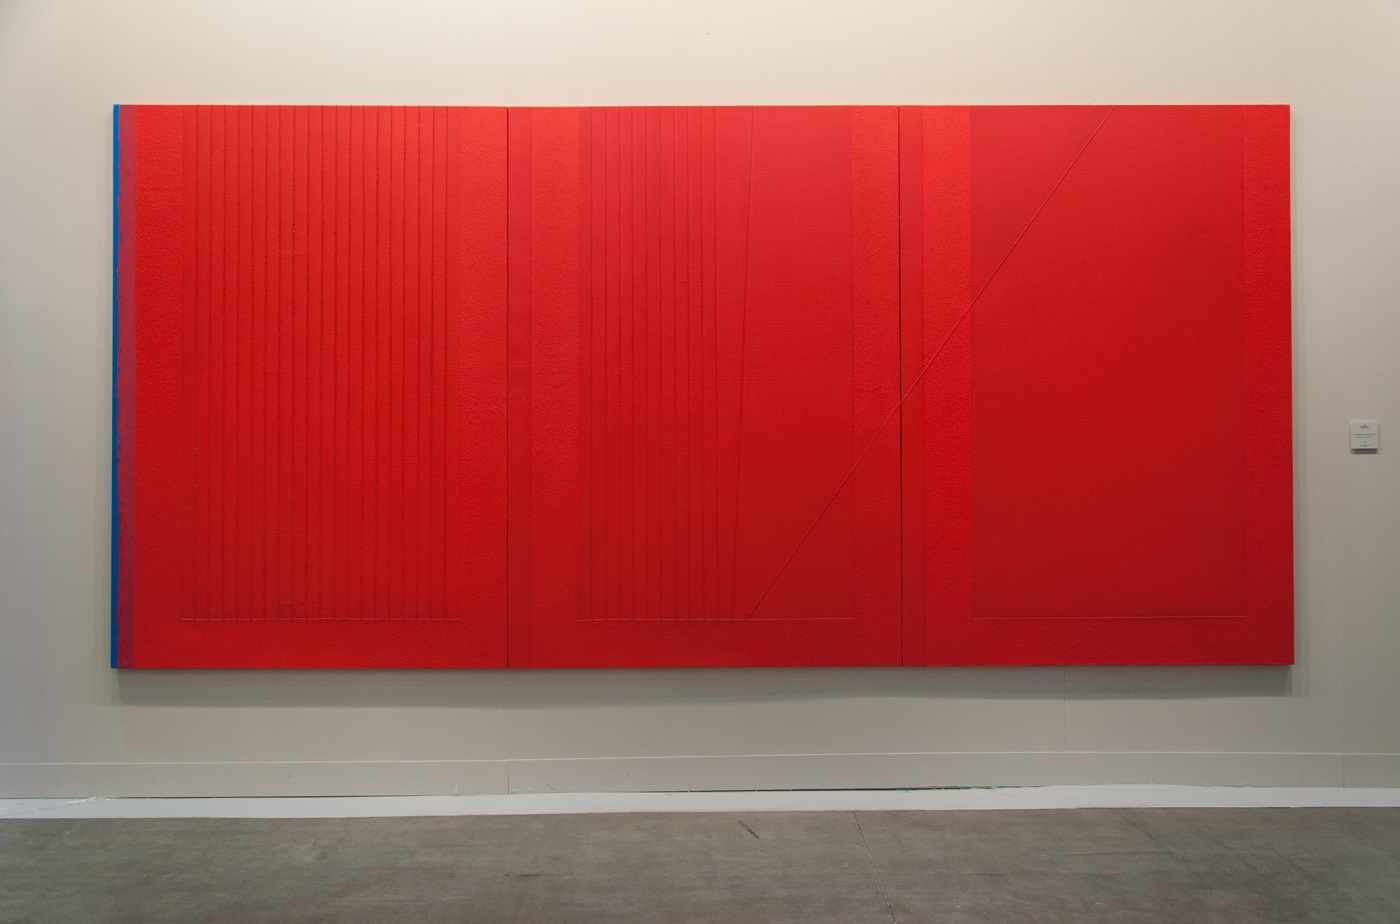 miart 2017_Hans Hartung, T1962-U15, 1962 Eidos Immagini Contemporanee Asti_ph. Irene Fanizza